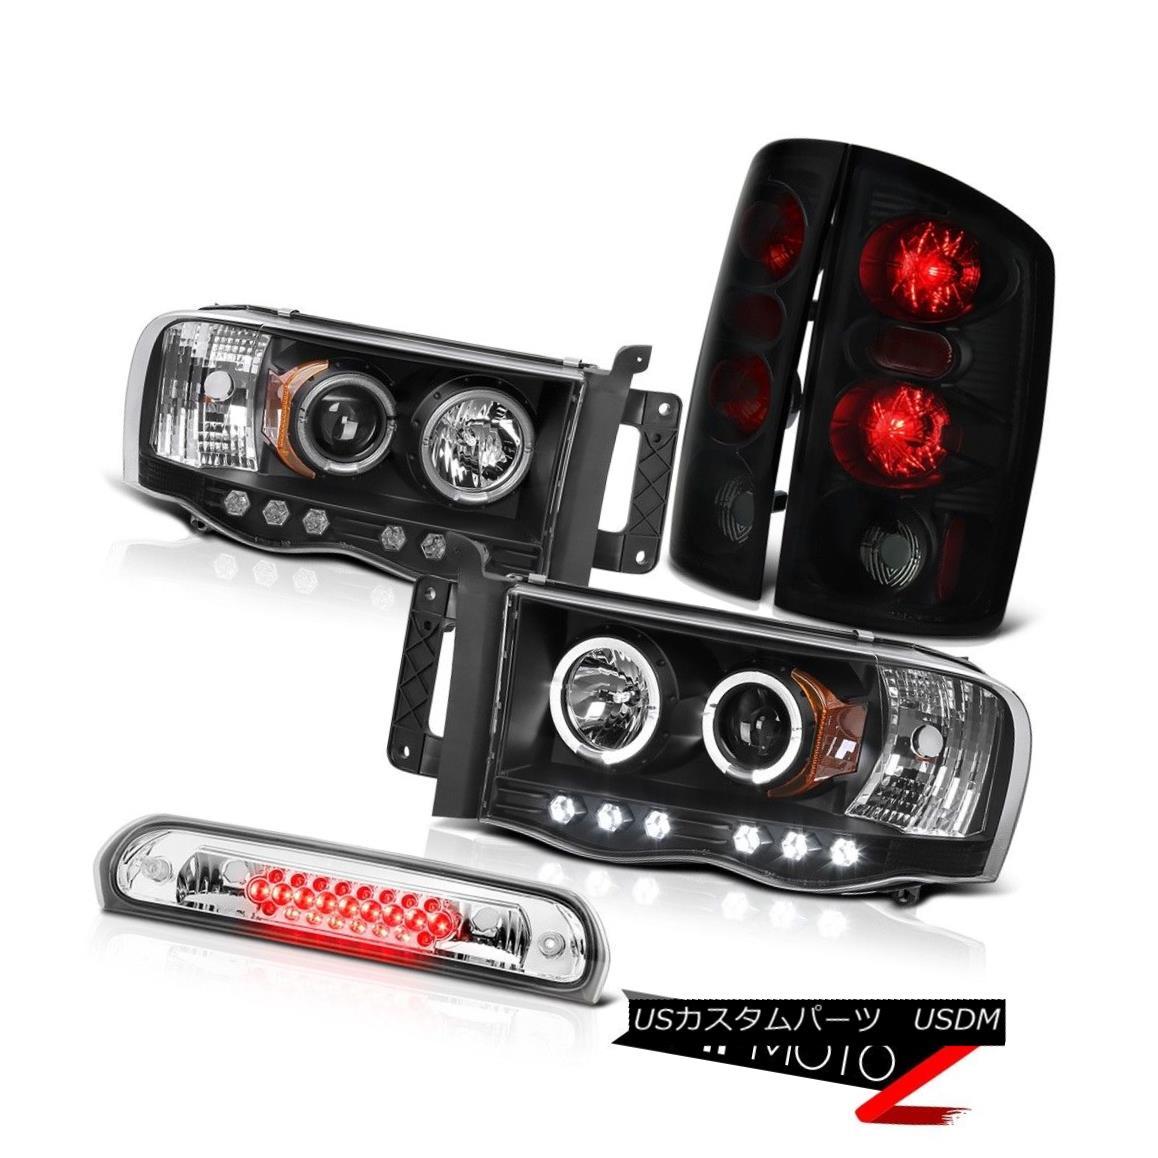 テールライト LED Angel Eye Projector Headlights Brake Tail Lamps Roof Stop 02-05 Ram SRT-10 LEDエンジェルアイプロジェクターヘッドライトブレーキテールランプ屋根停止02-05 Ram SRT-10